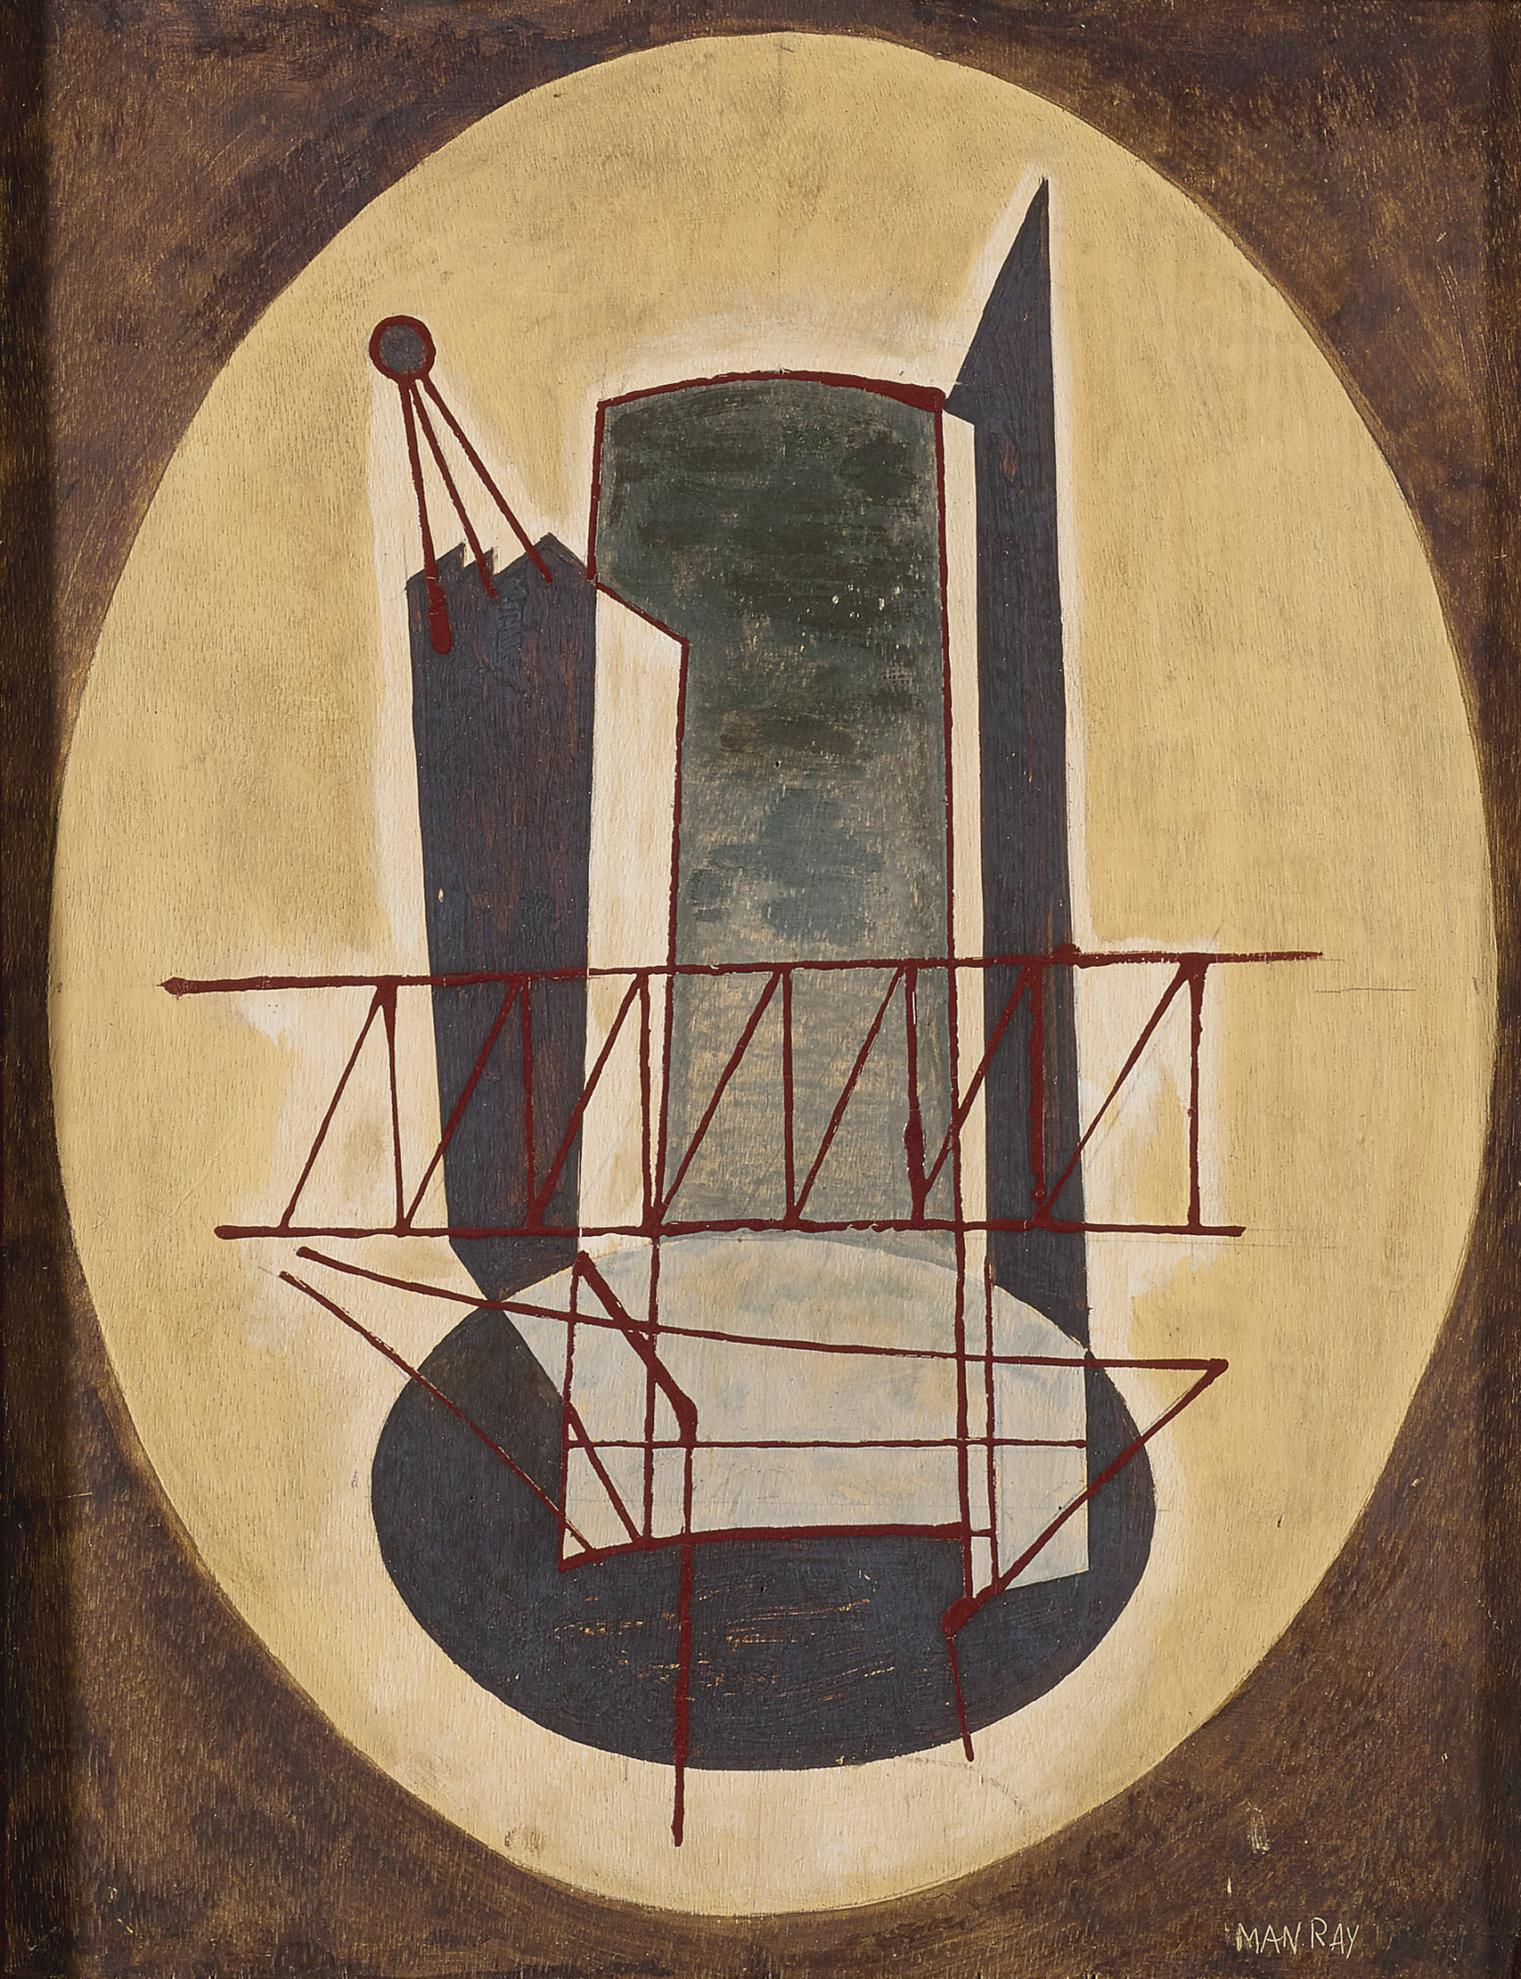 Man Ray-Le Bateau-1942